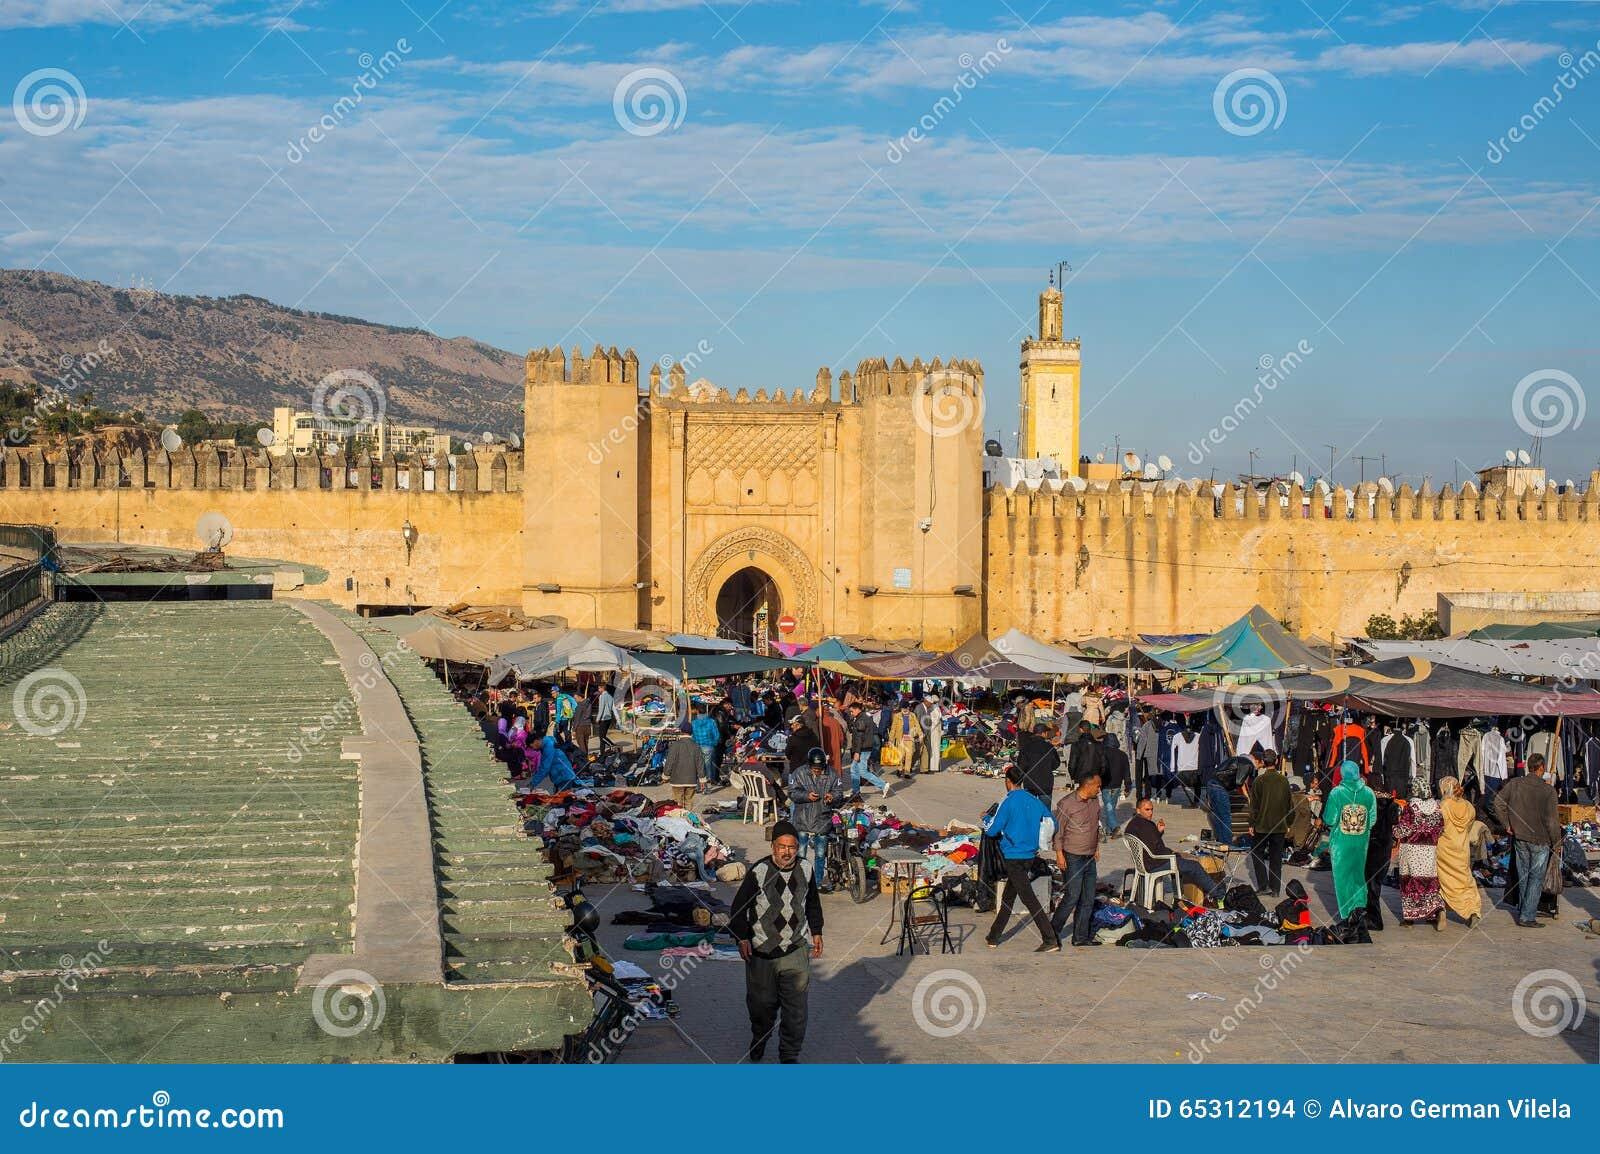 fez el bali medina morocco stock images